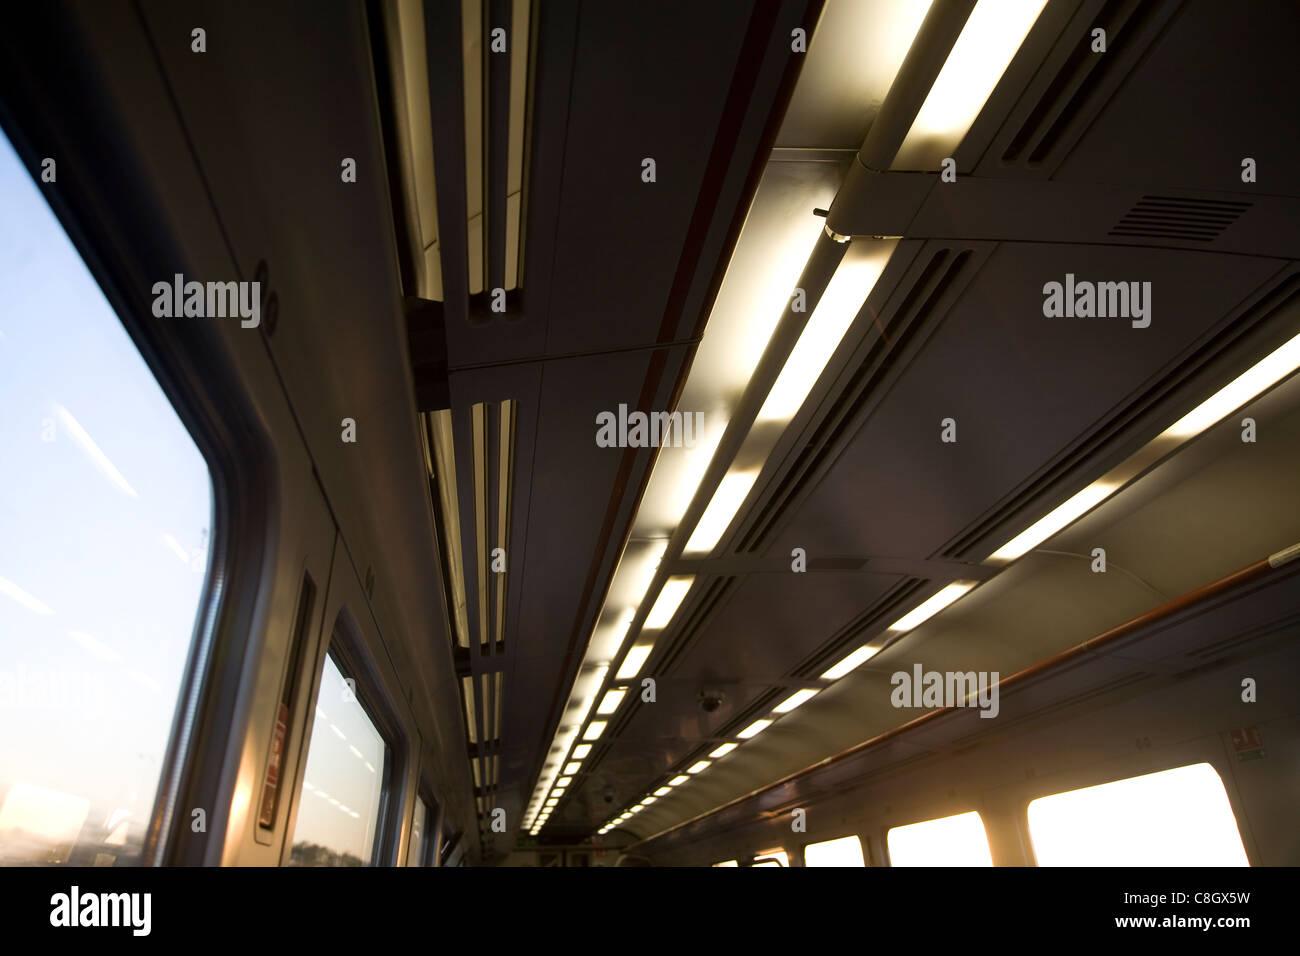 Luci in treno il movimento del carrello movimento di un viaggio Immagini Stock